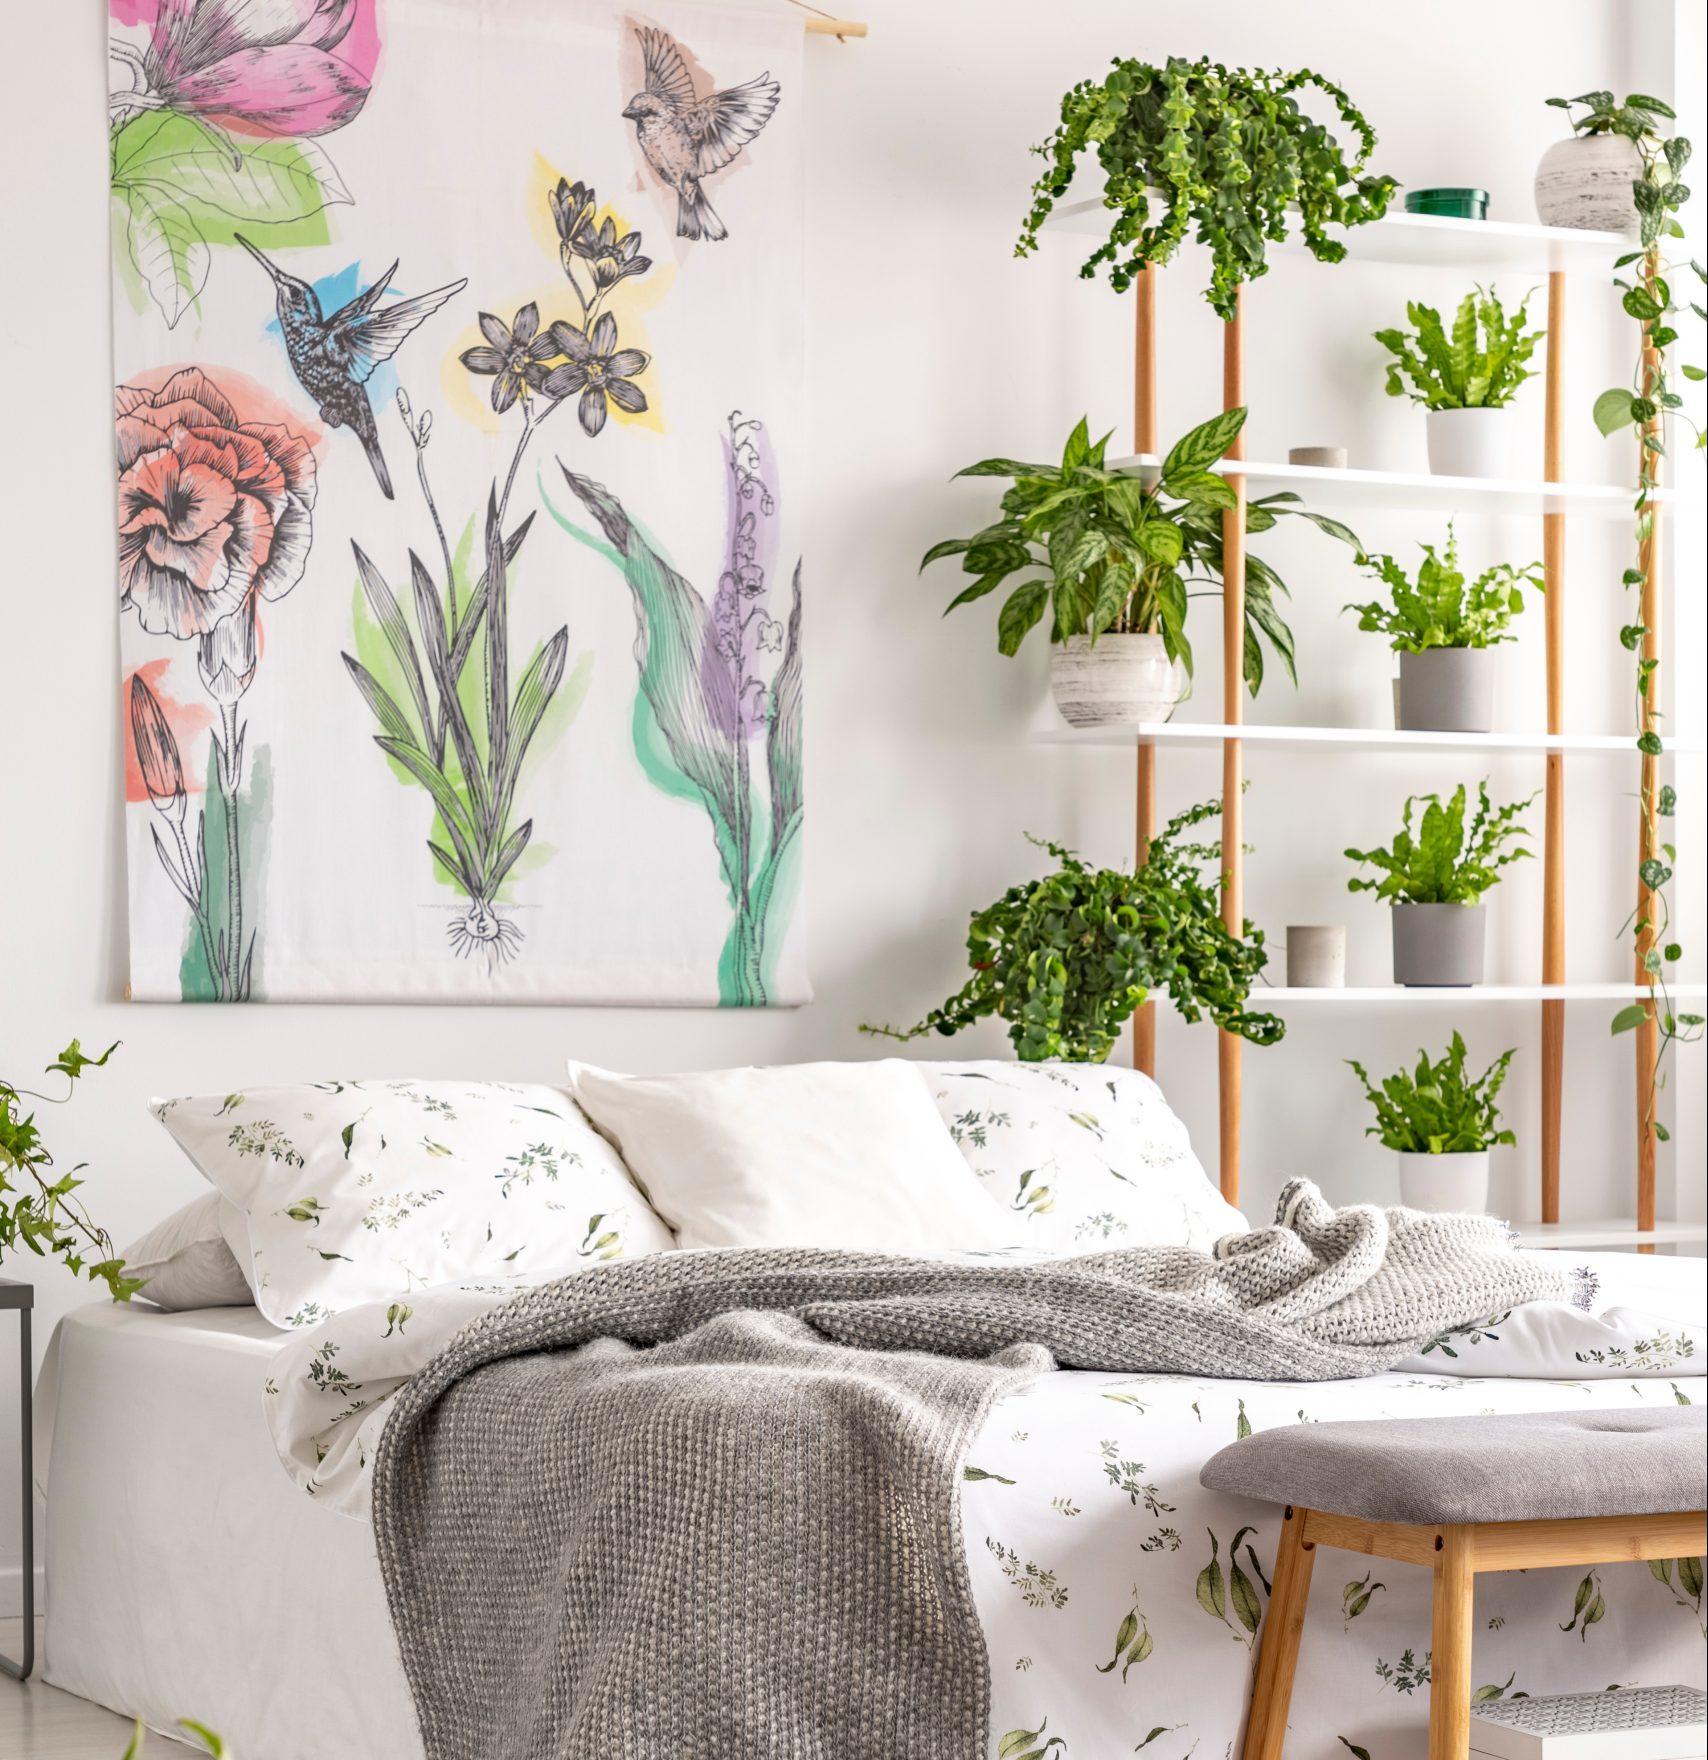 dormitorio, urban jungle plantas no lar